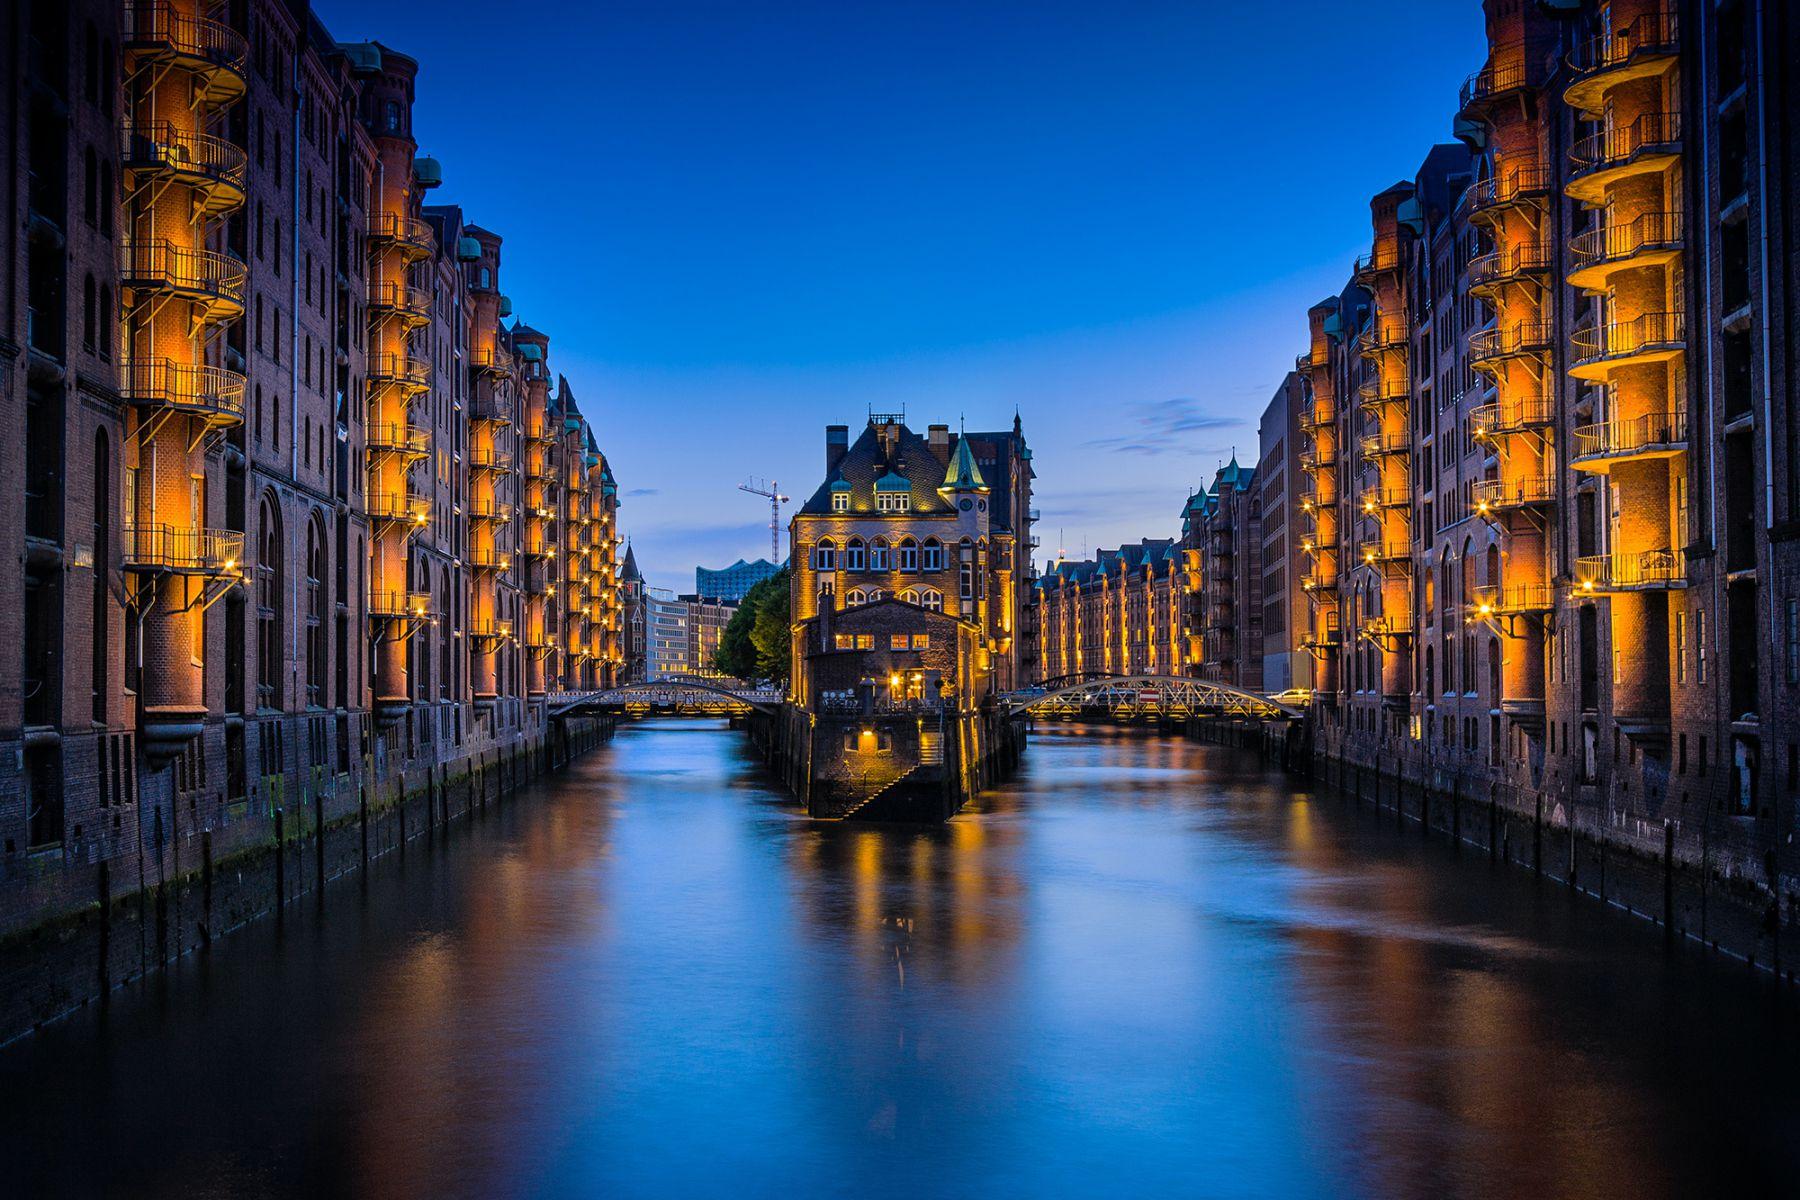 Speicherstadt in Hamburg | credit: Claudia Testa (Unsplash)